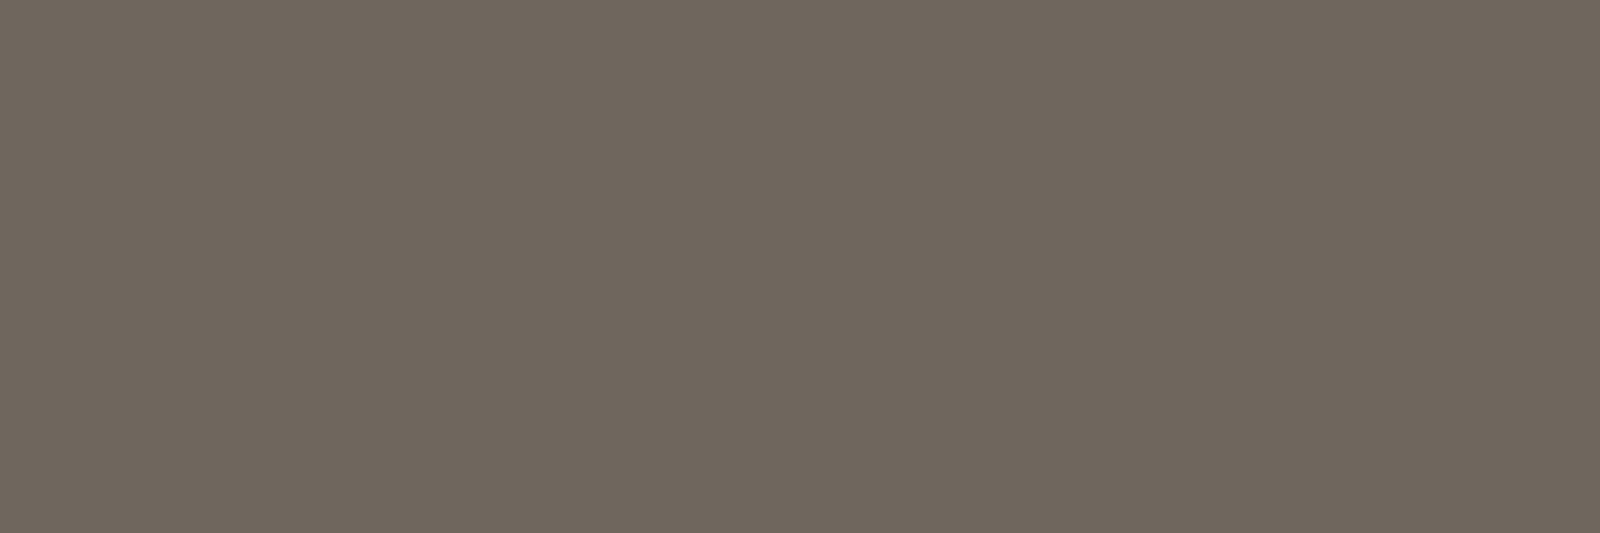 Стенни плочки Eclettica Taupe 40x120